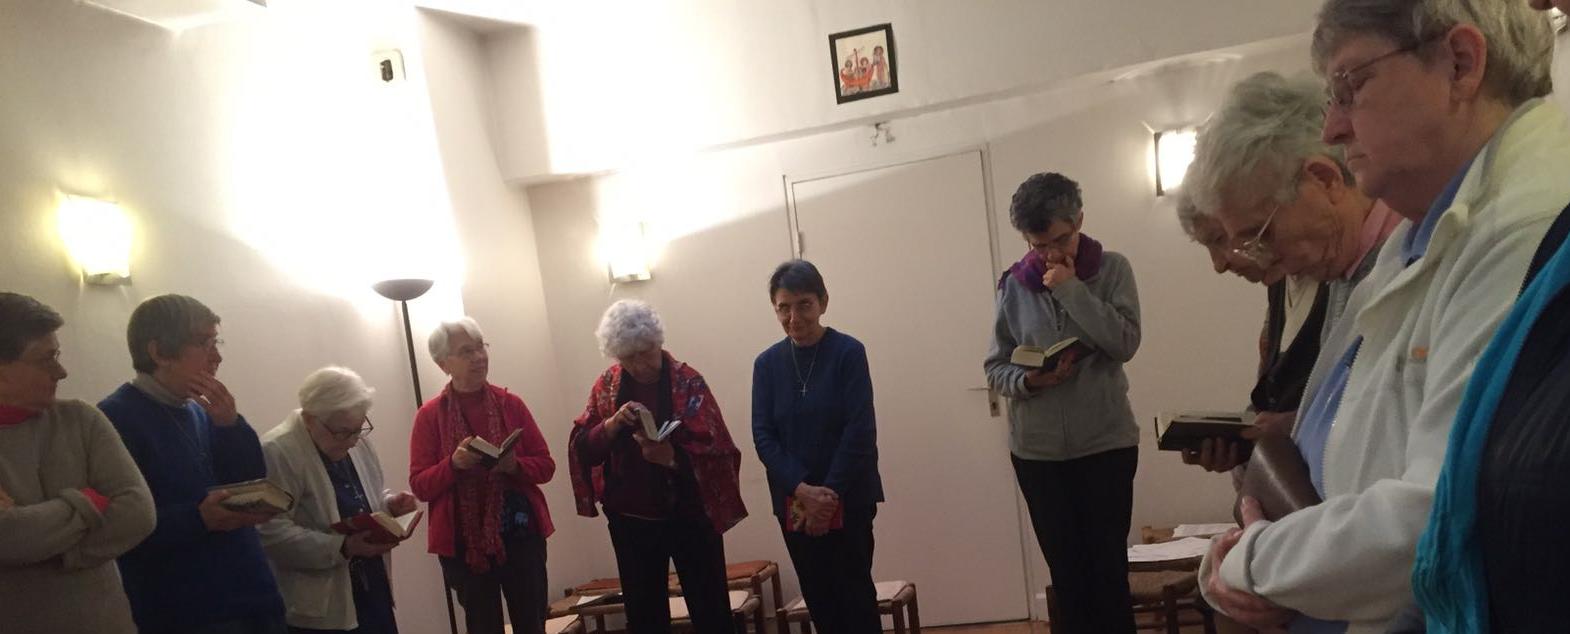 Prière de l'office des vêpres, communauté des auxiliaires du Sacerdoce